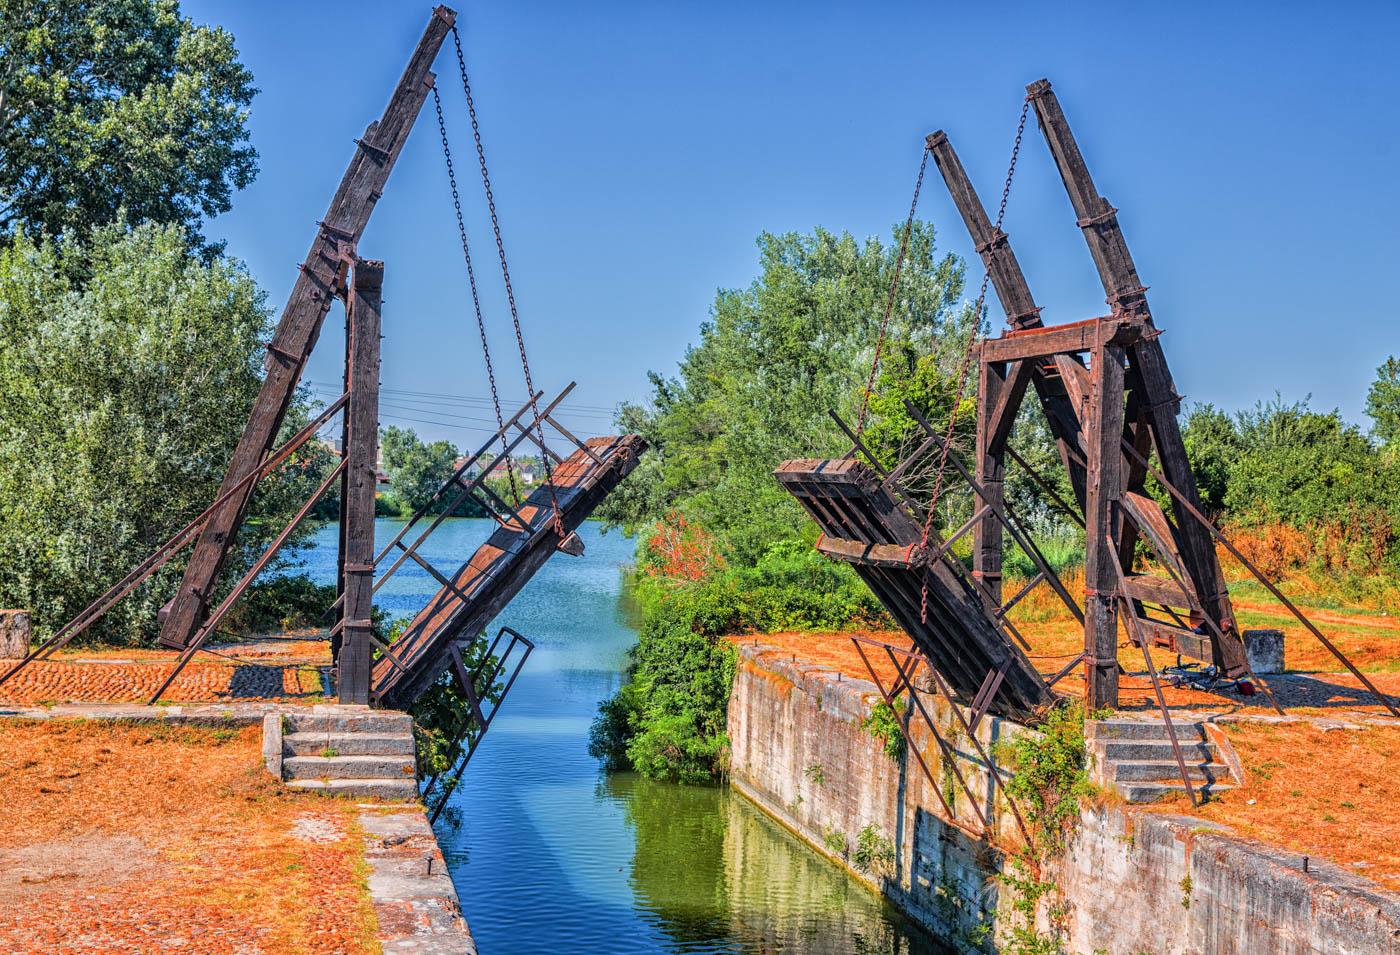 Brücke von Arles - Carin Hündgen